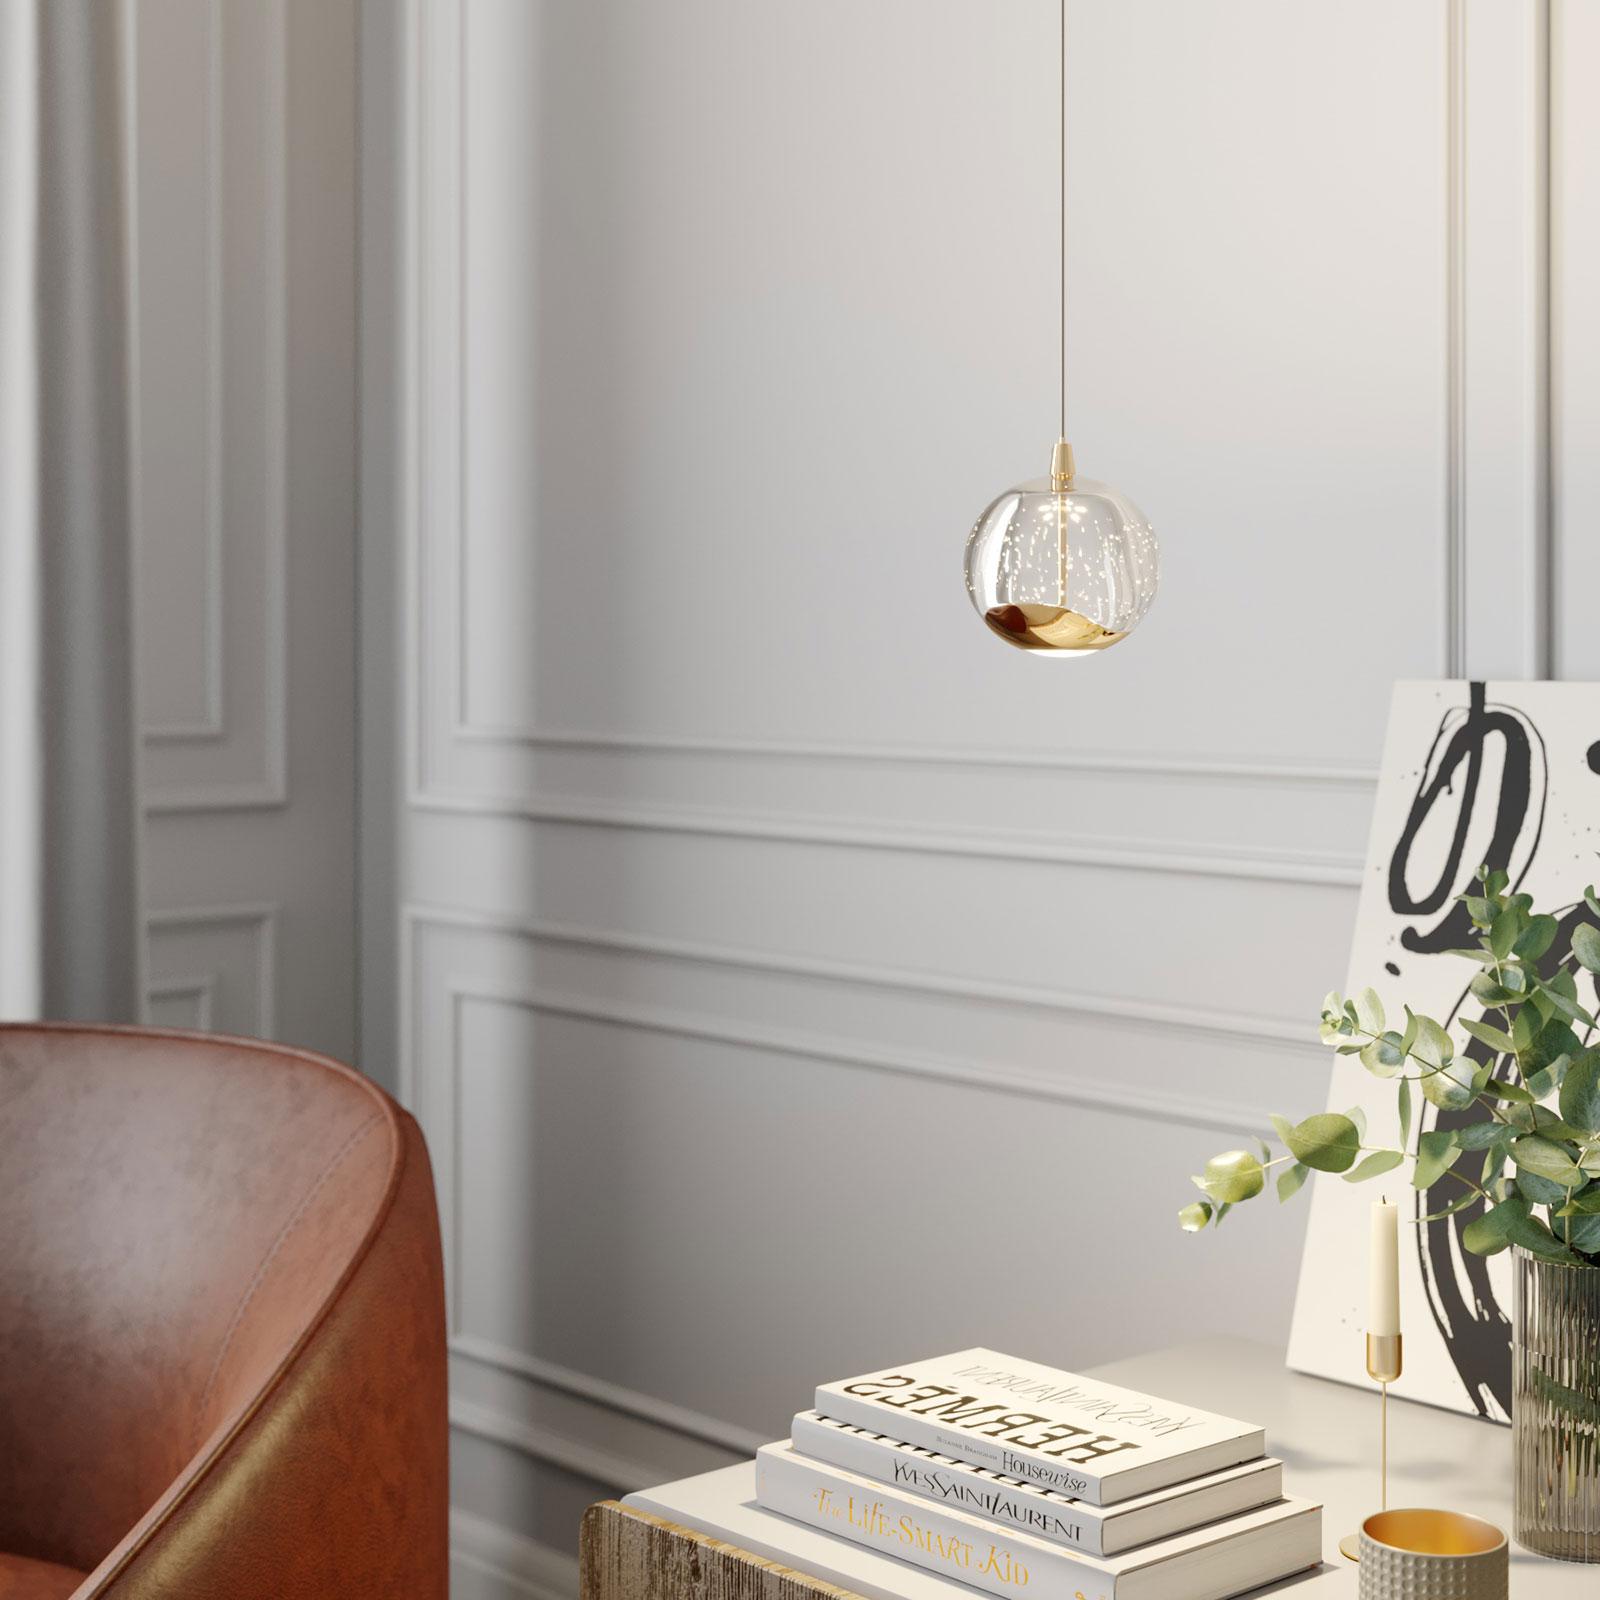 Lampa wisząca LED Hayley szklana kula 1-pkt. złota